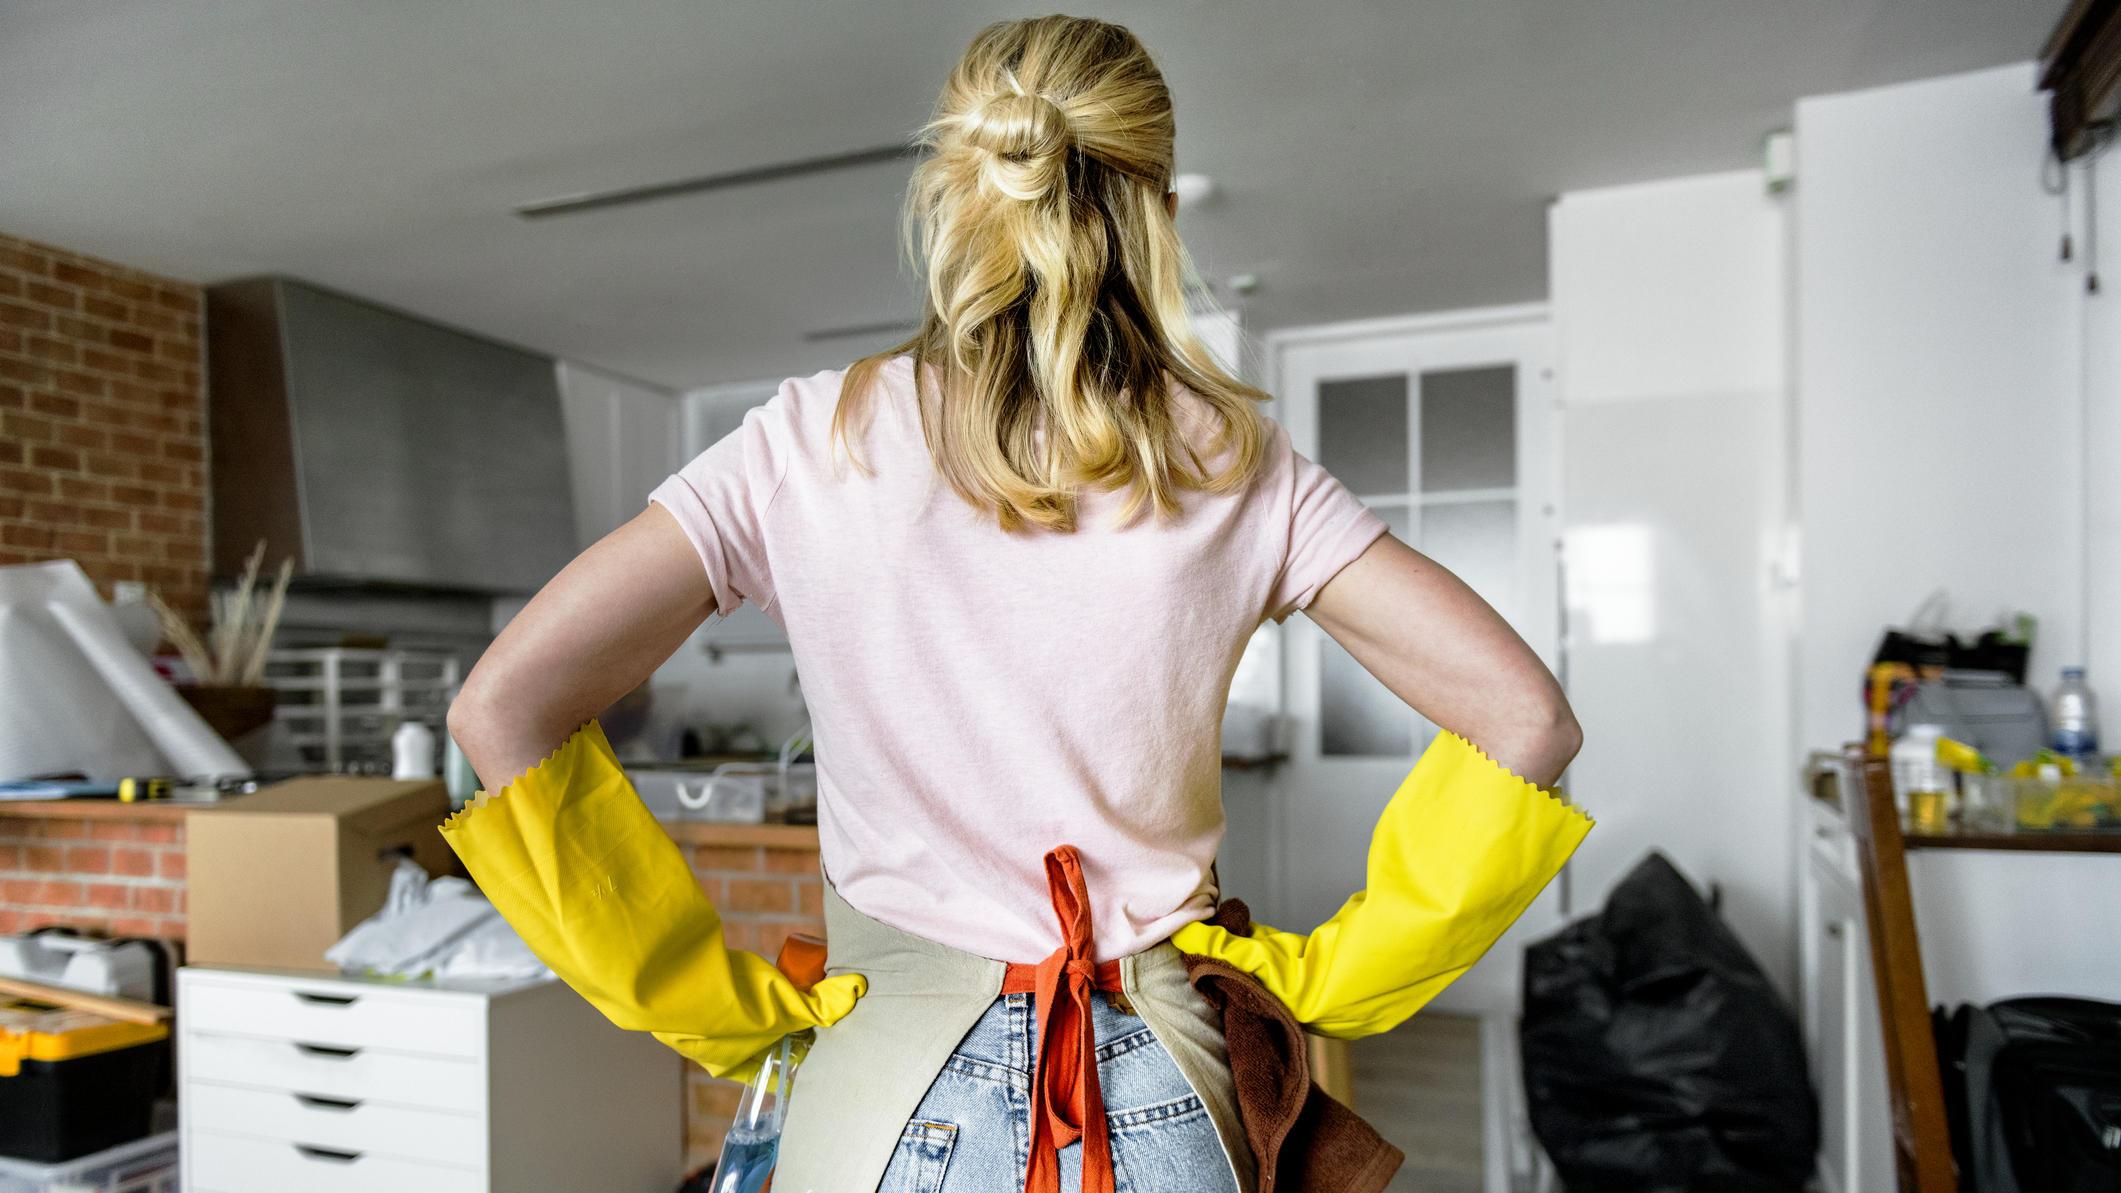 Wohnung putzen: So bekommen Sie in 15 Minuten pro Tag